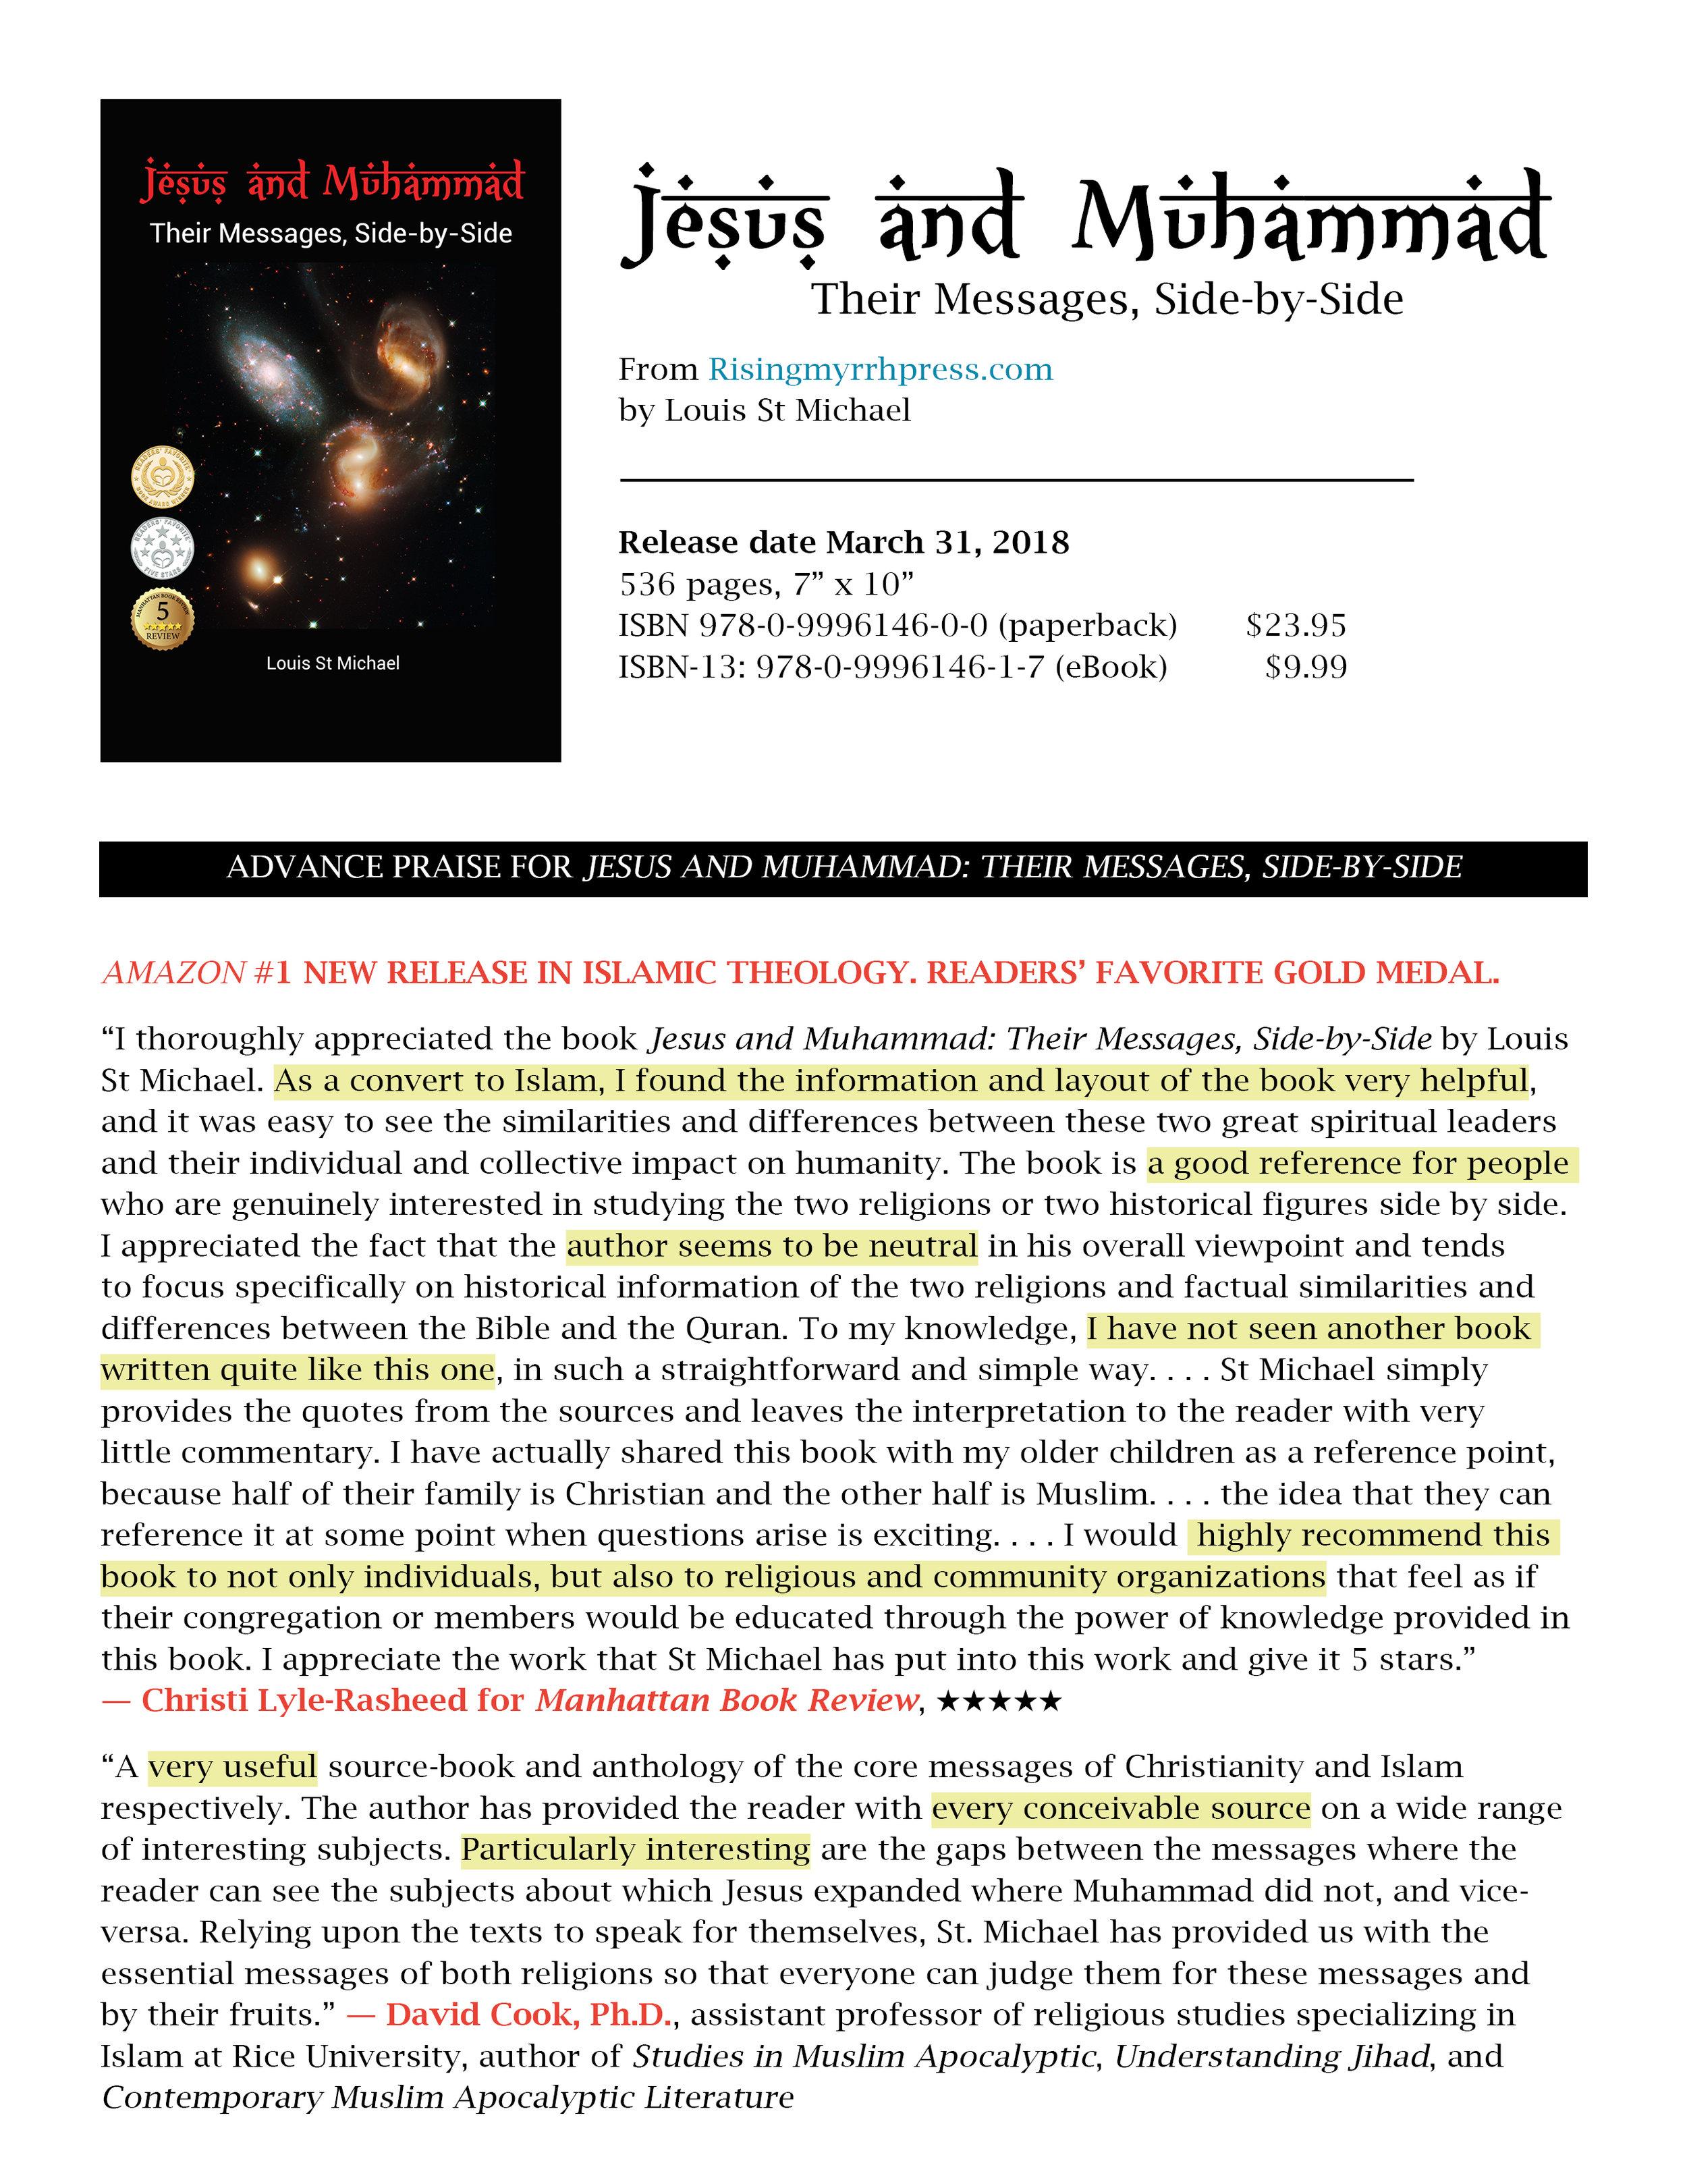 Jesus and Muhammad-Blurbs.jpg